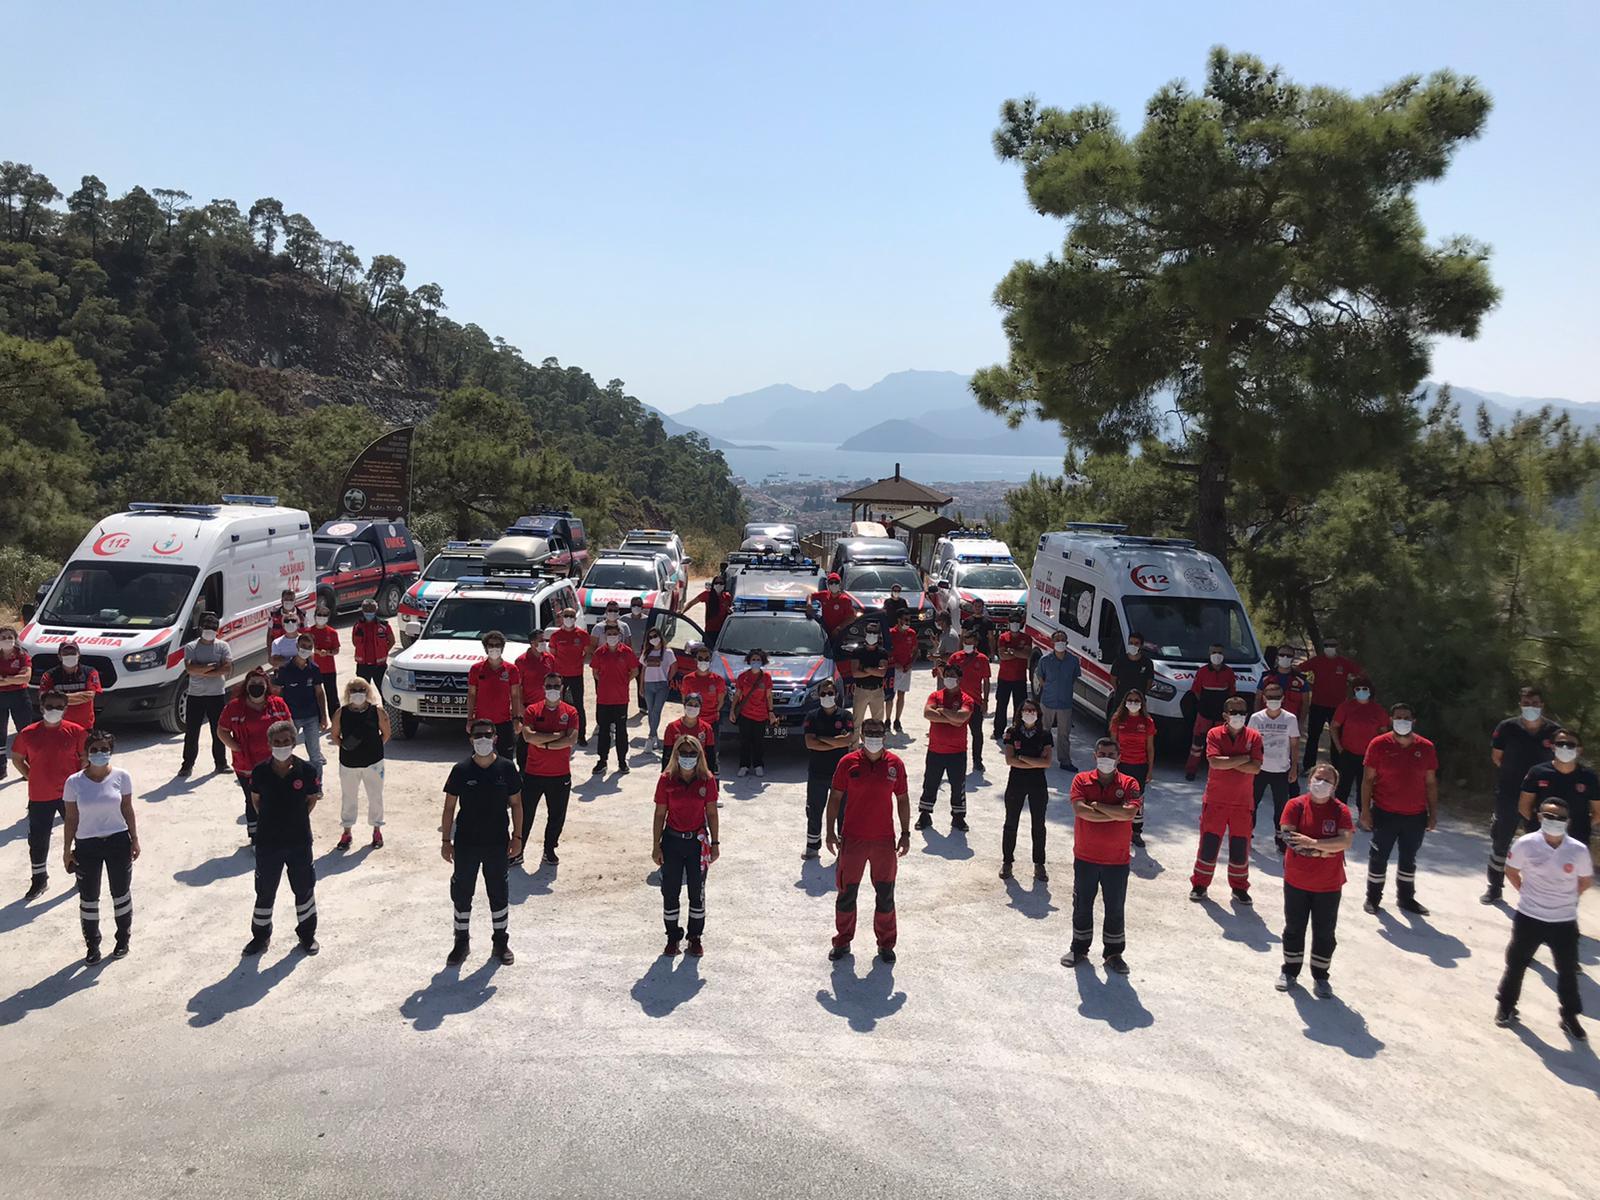 Dünya Ralli Şampiyonası'nın (WRC) 5. Ayağı Türkiye Rallisi'nde UMKE  ve 112 Acil Ekiplerimiz Sağlık Tedbirlerini Sağlıyor